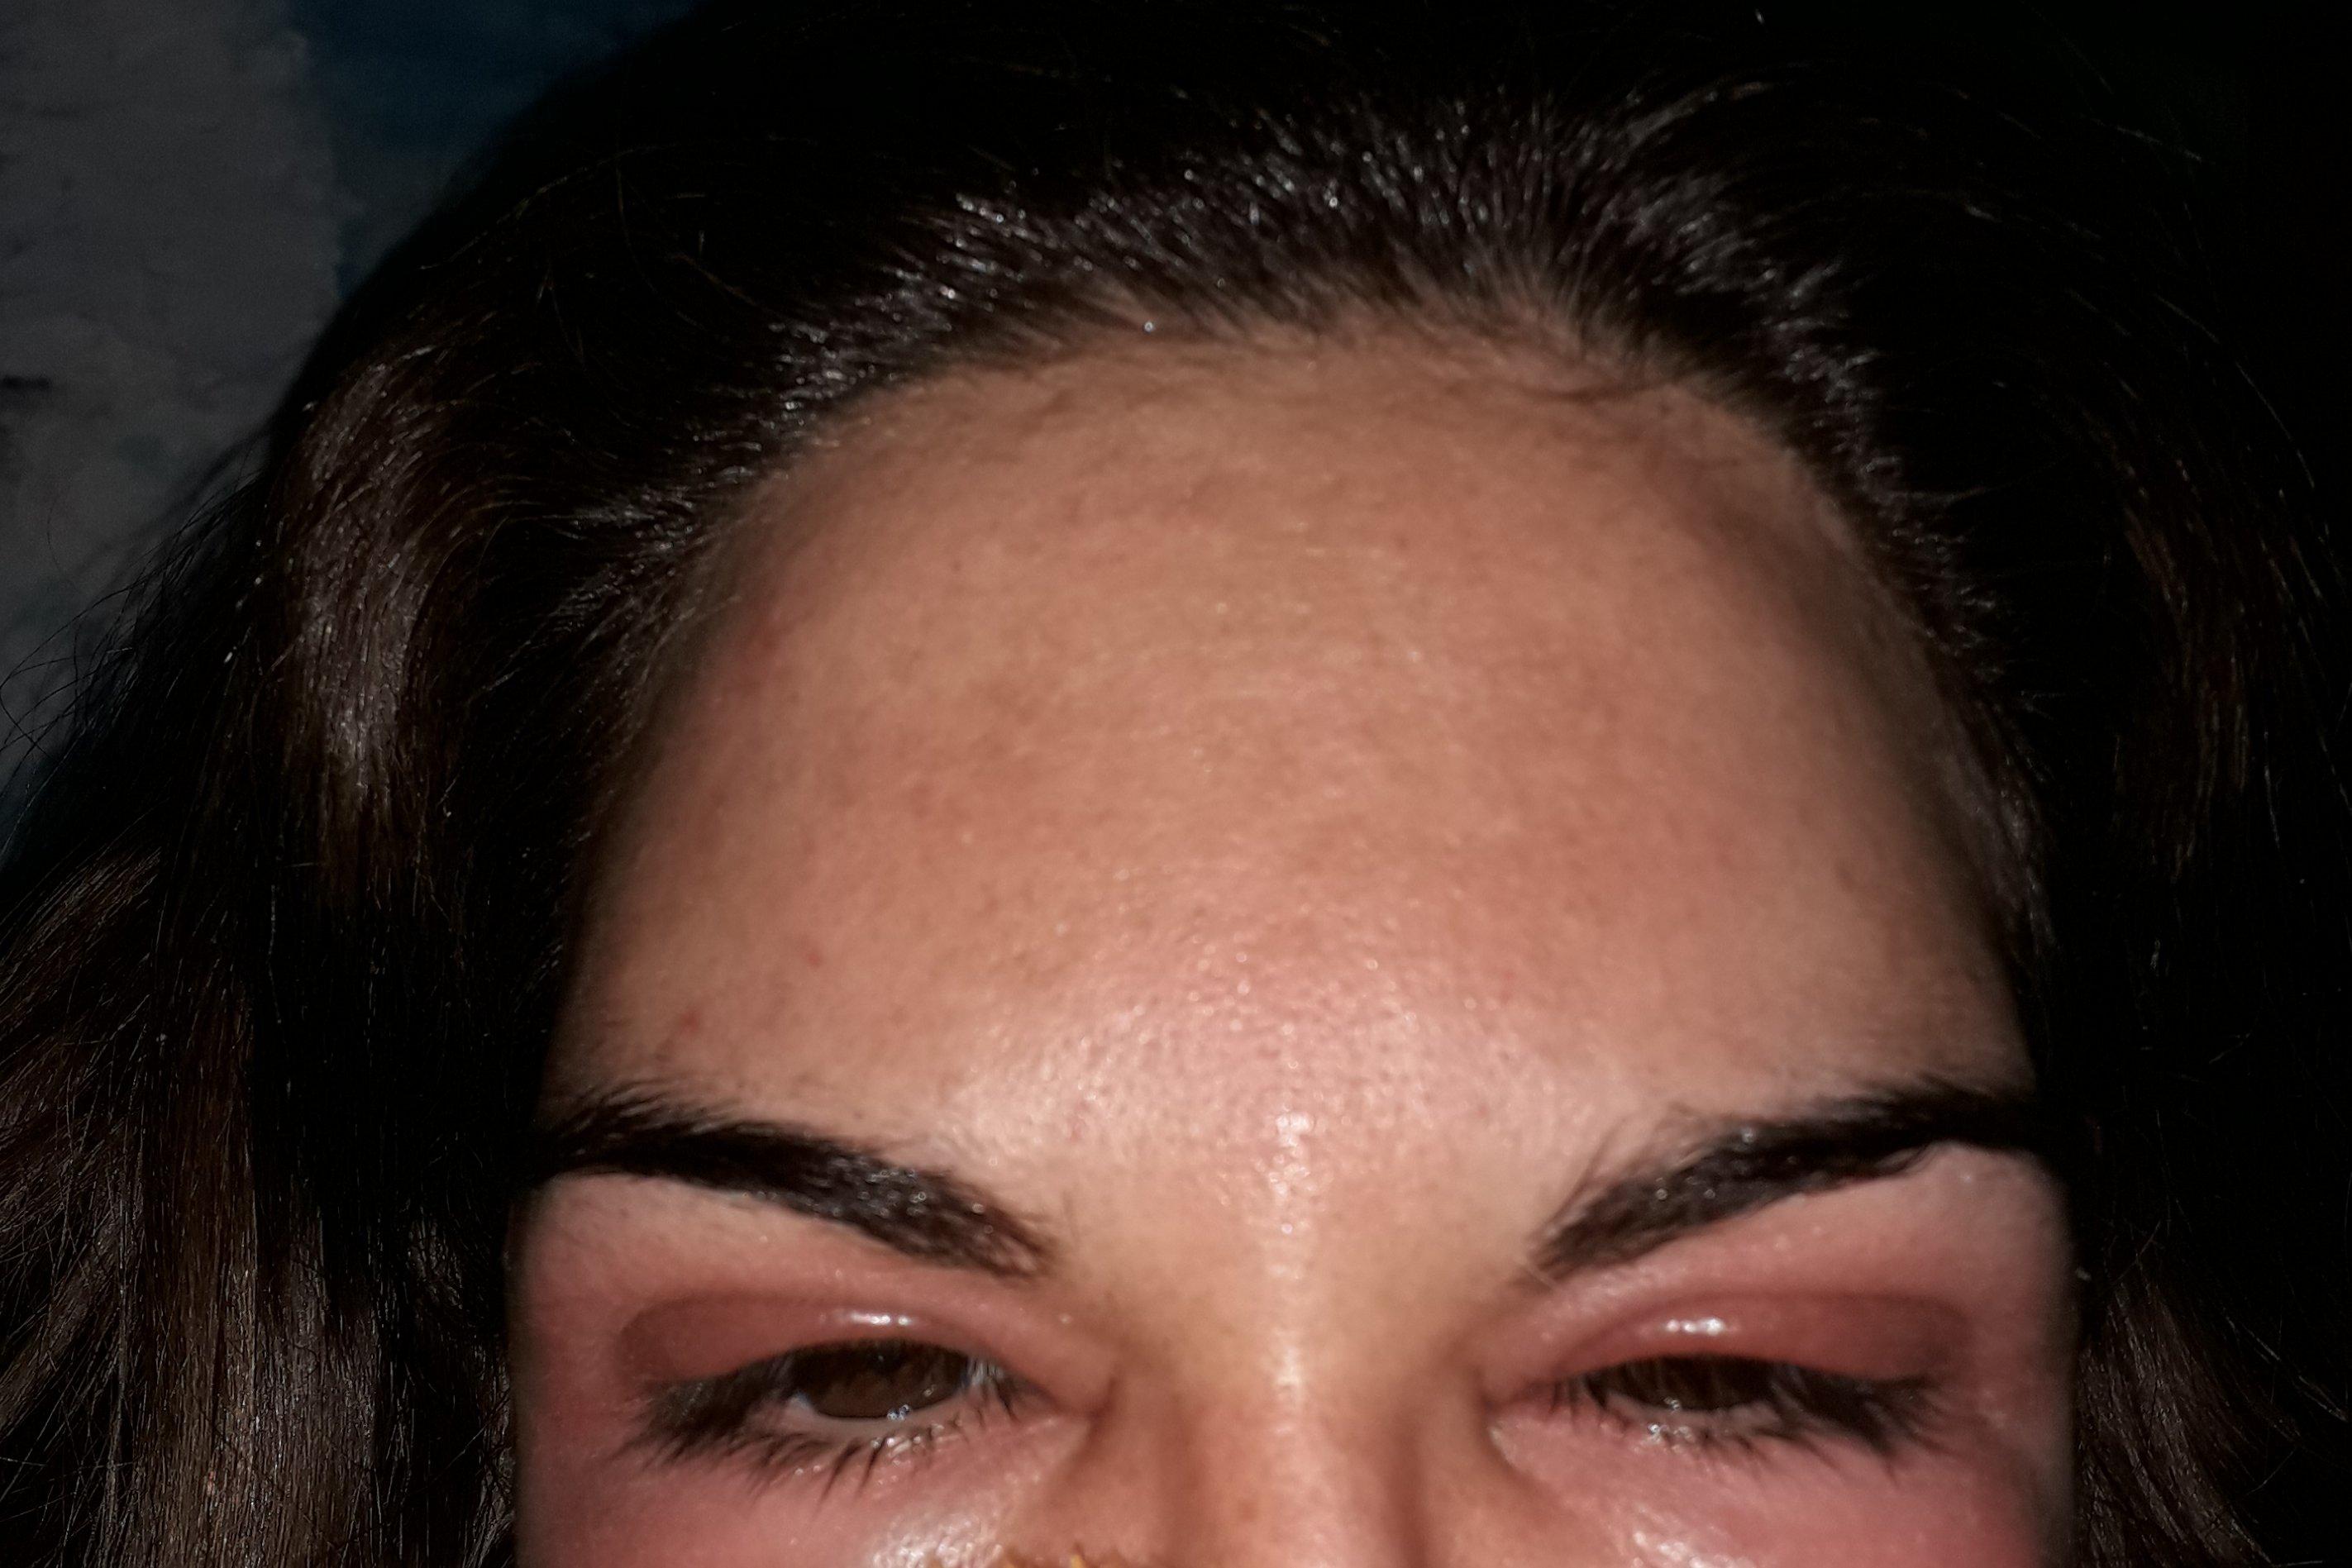 He tenido una reaccion al botox - 6605